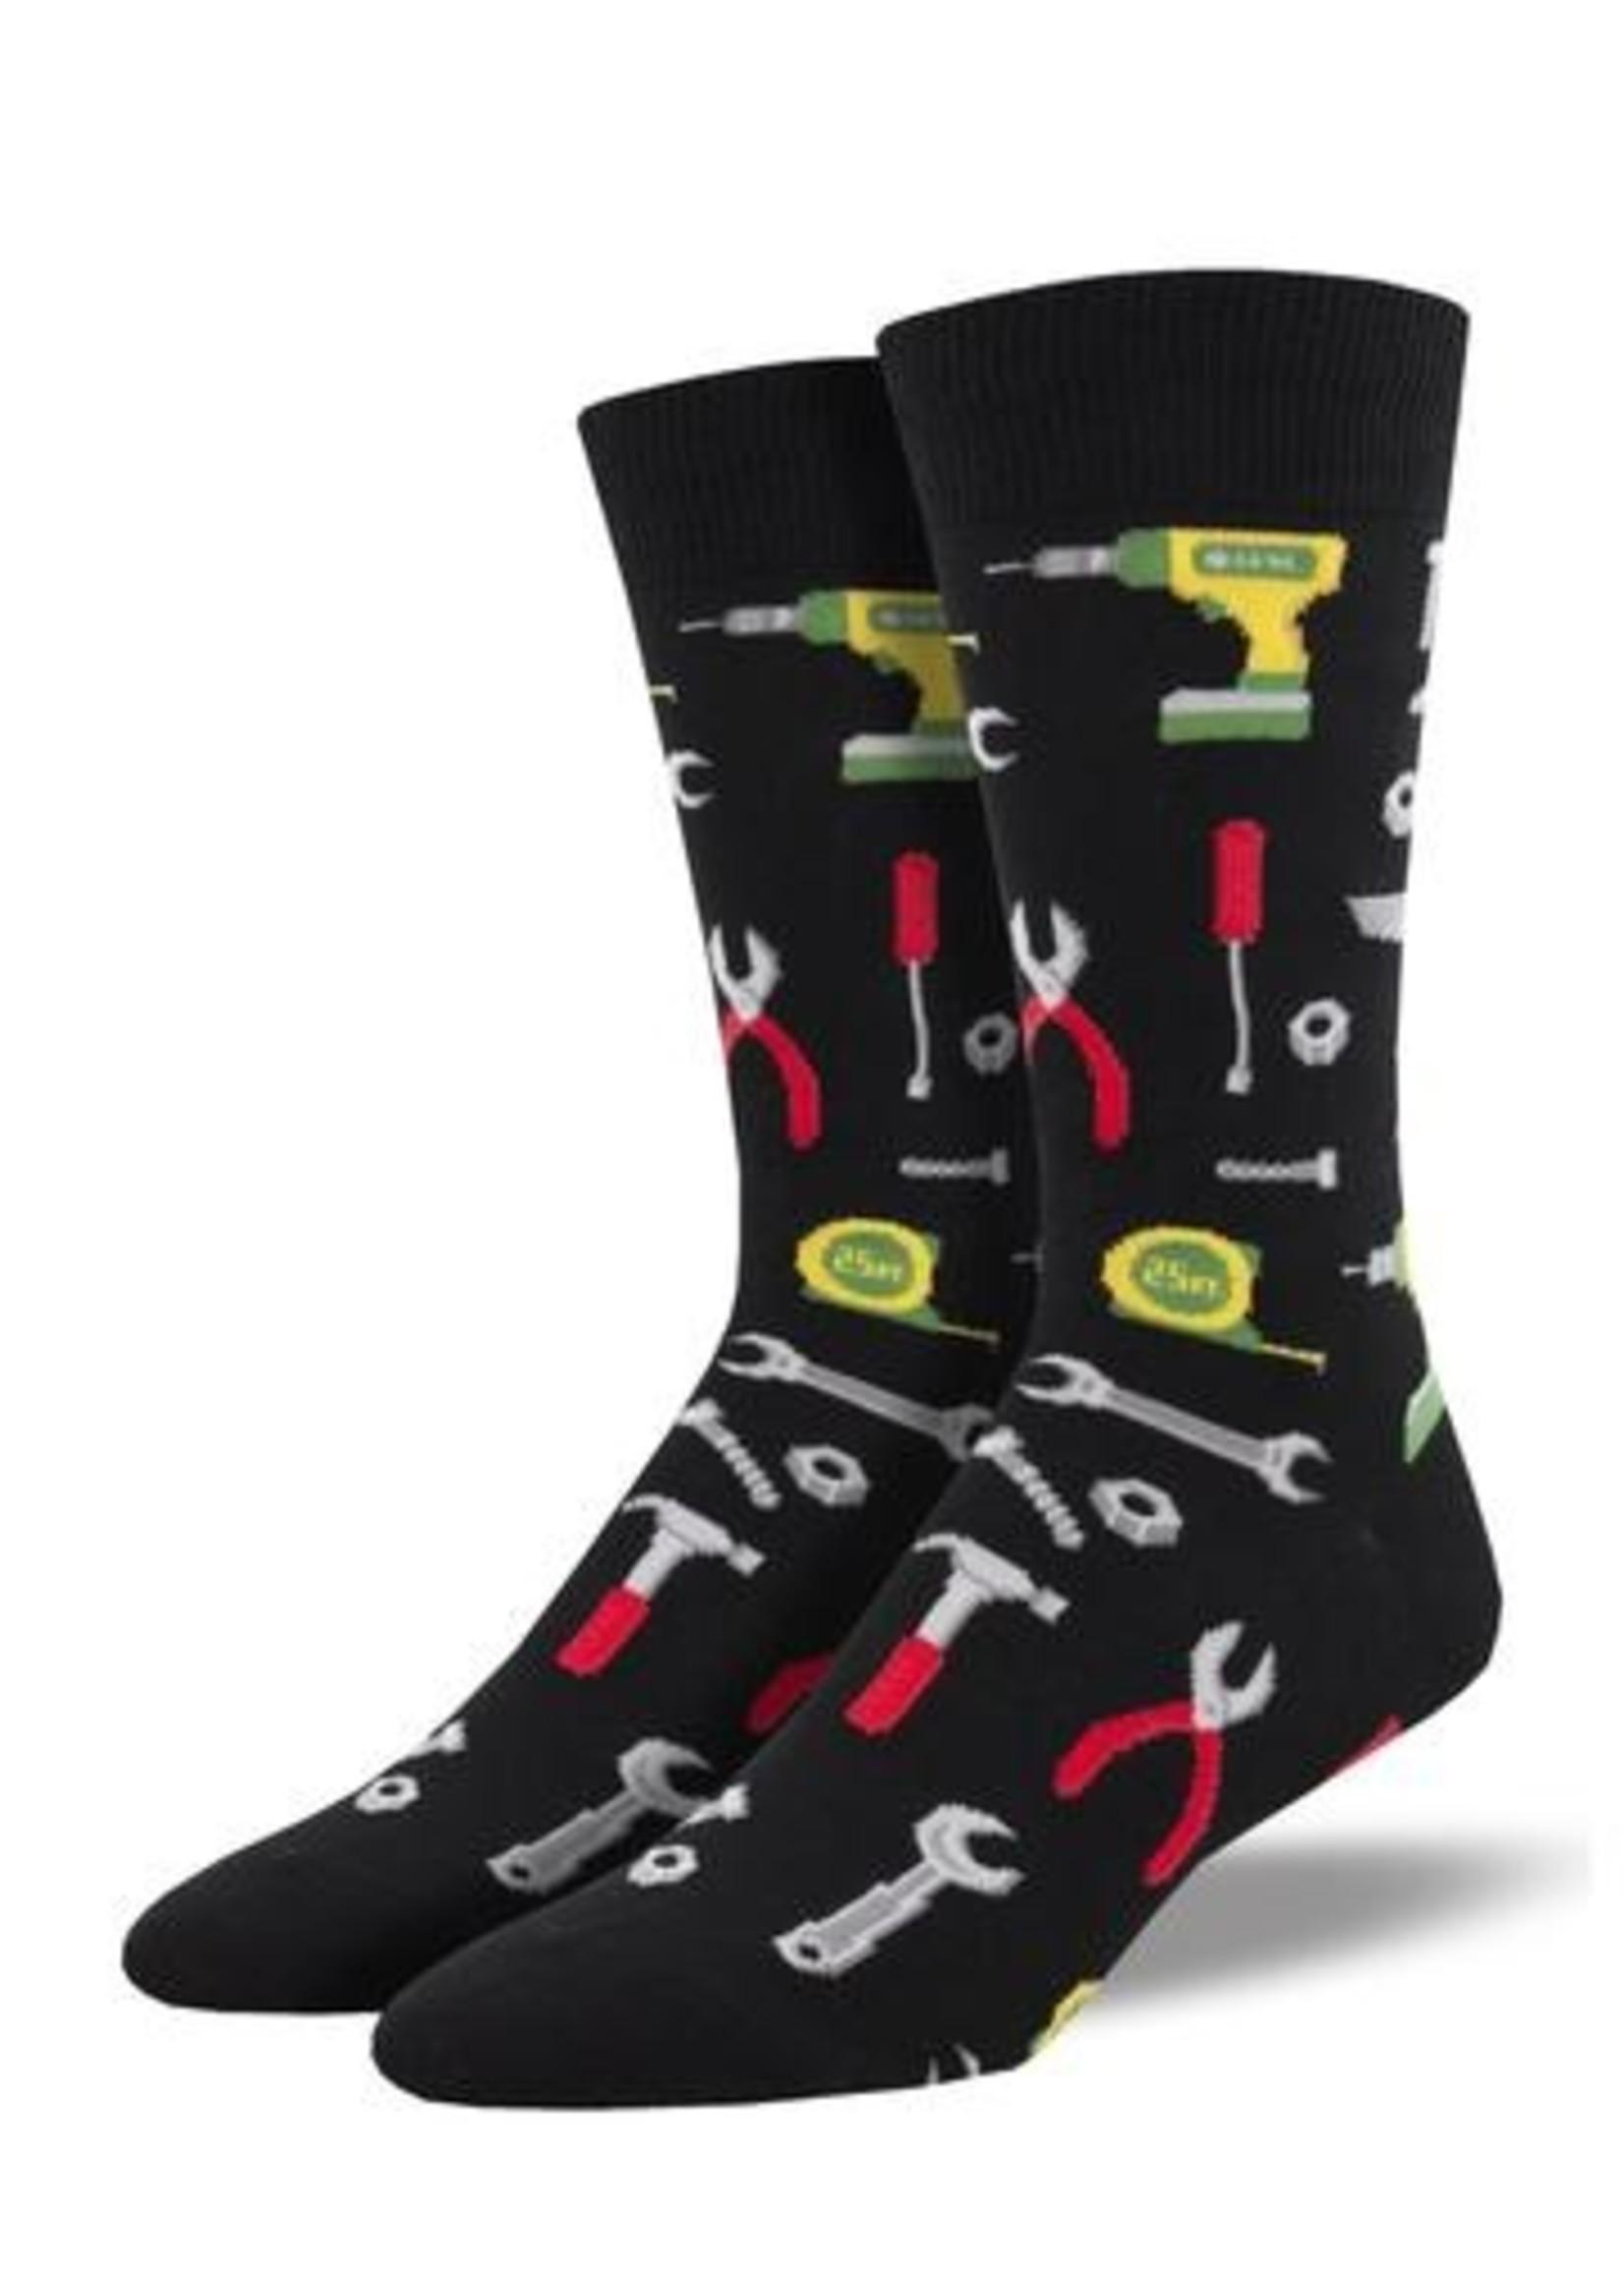 Socksmith Canada All Fixed Socks